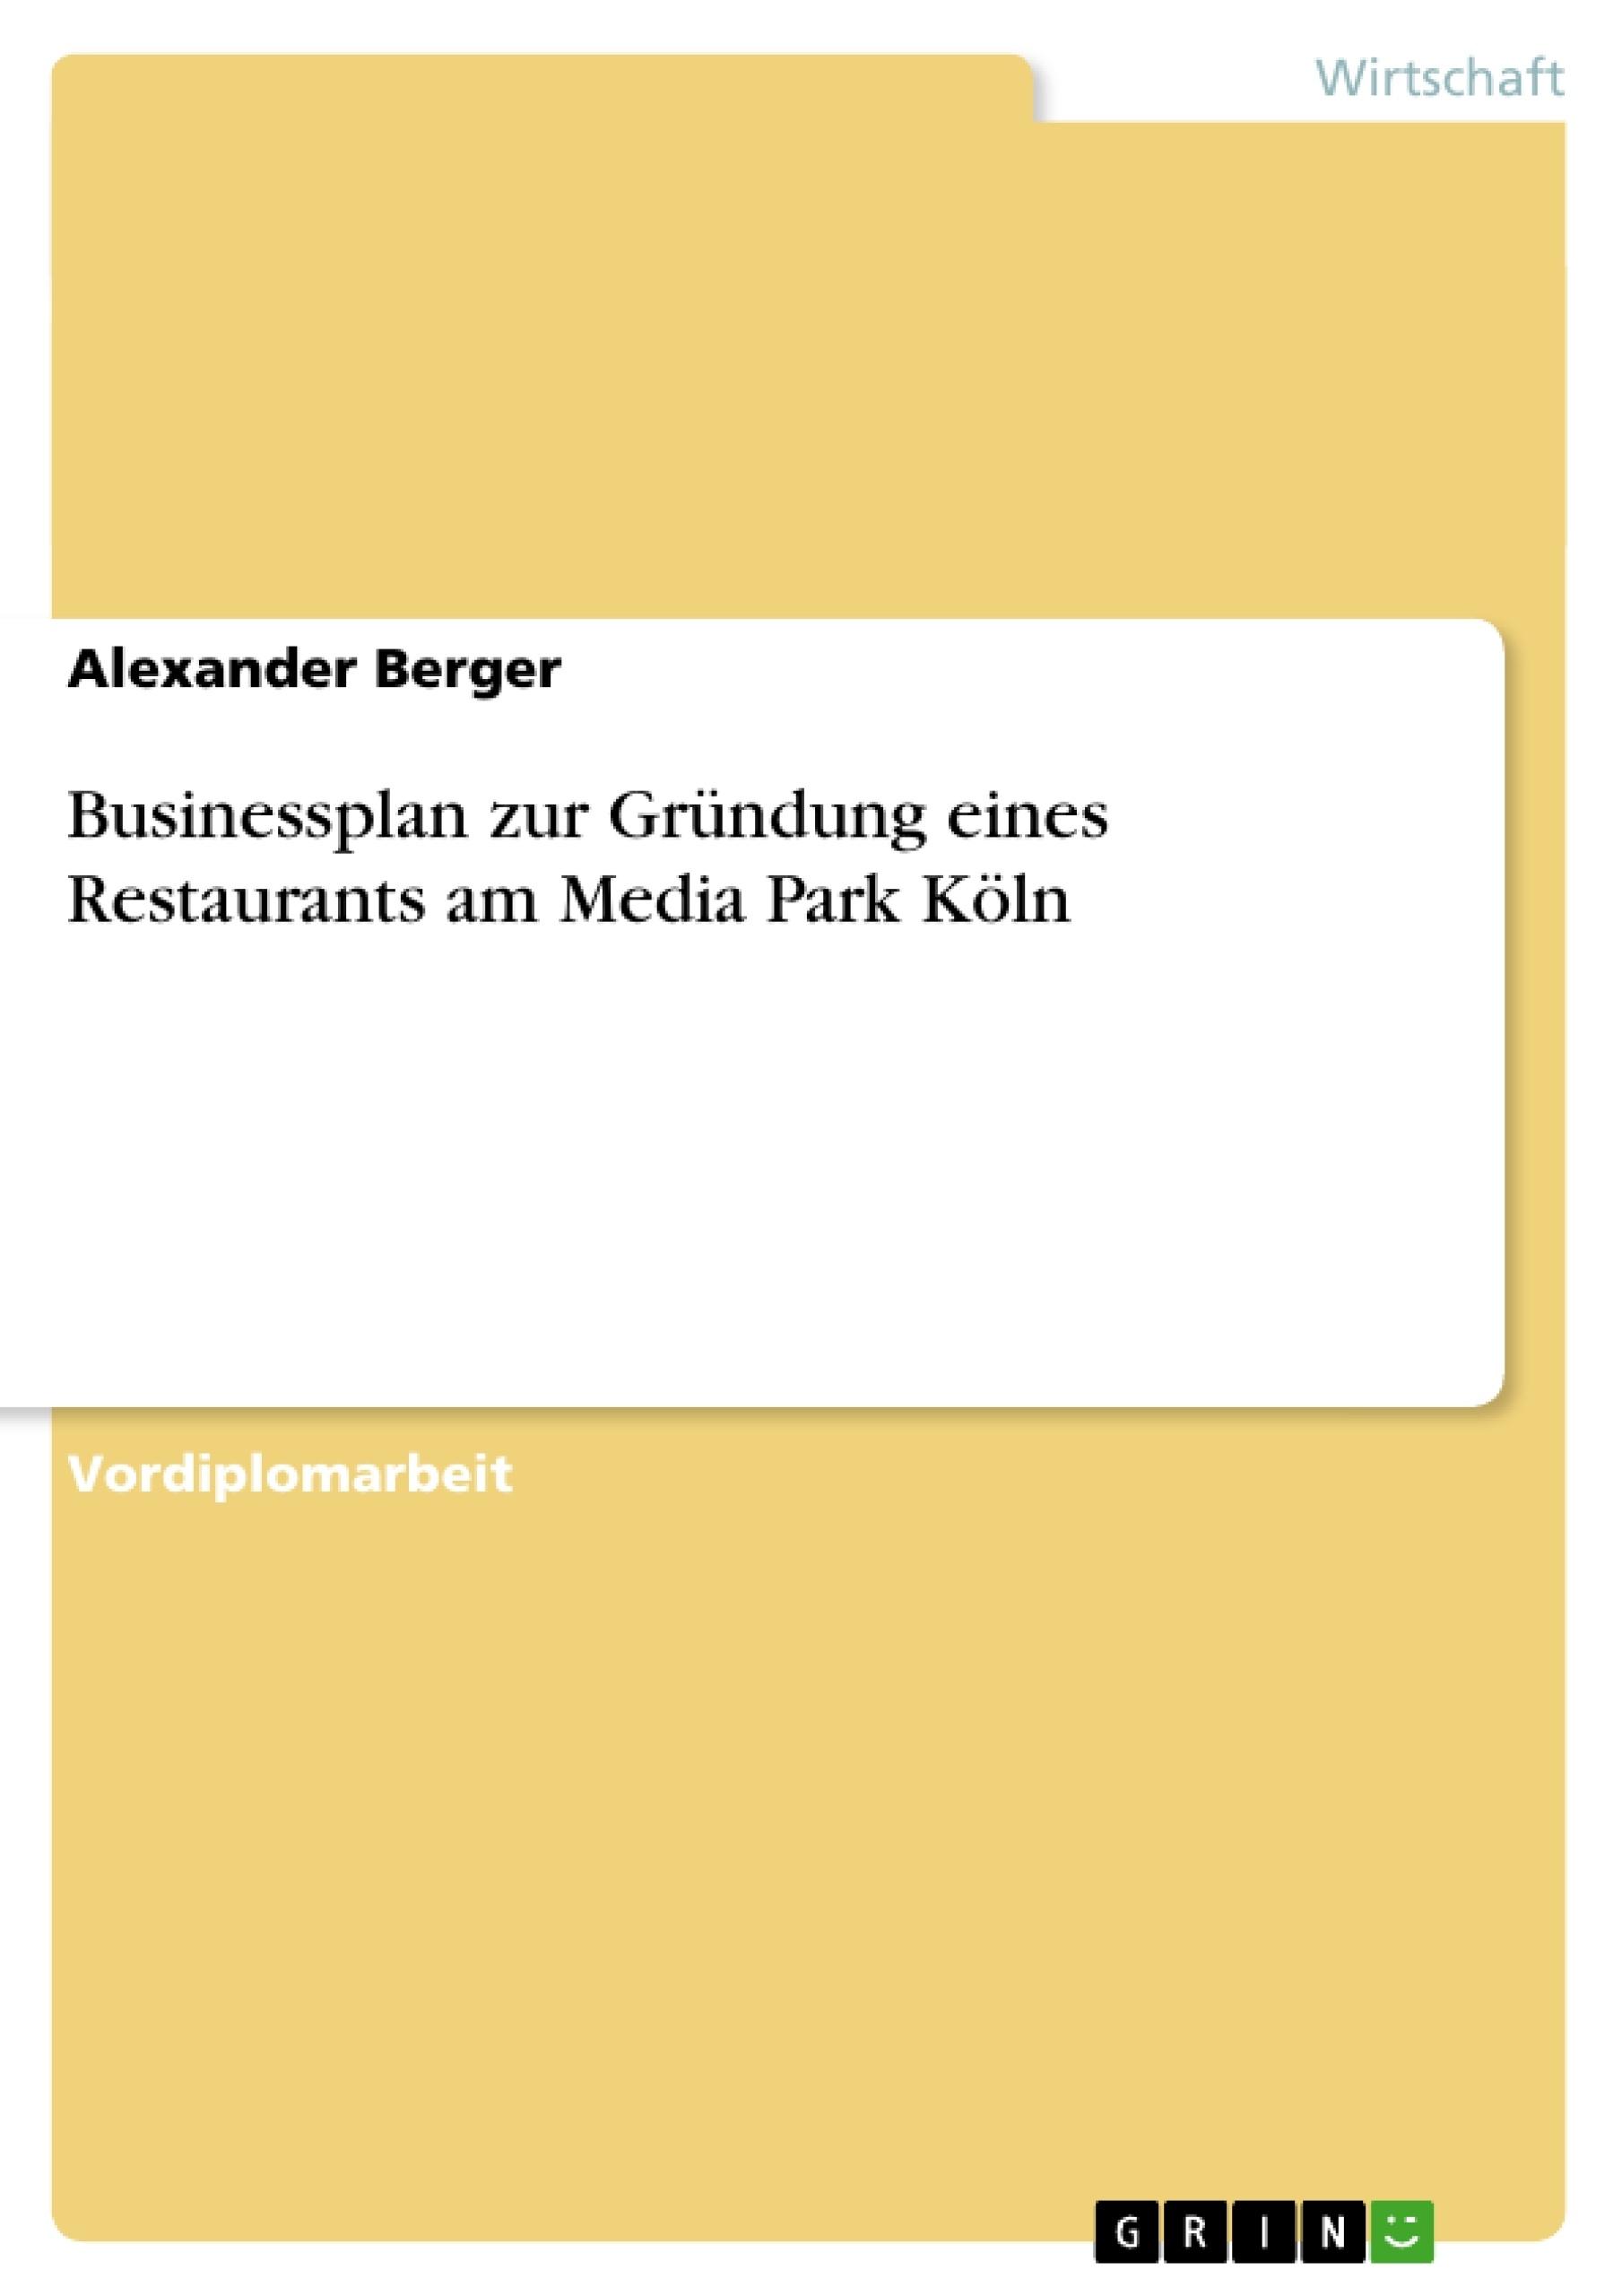 Titel: Businessplan zur Gründung eines Restaurants am Media Park Köln